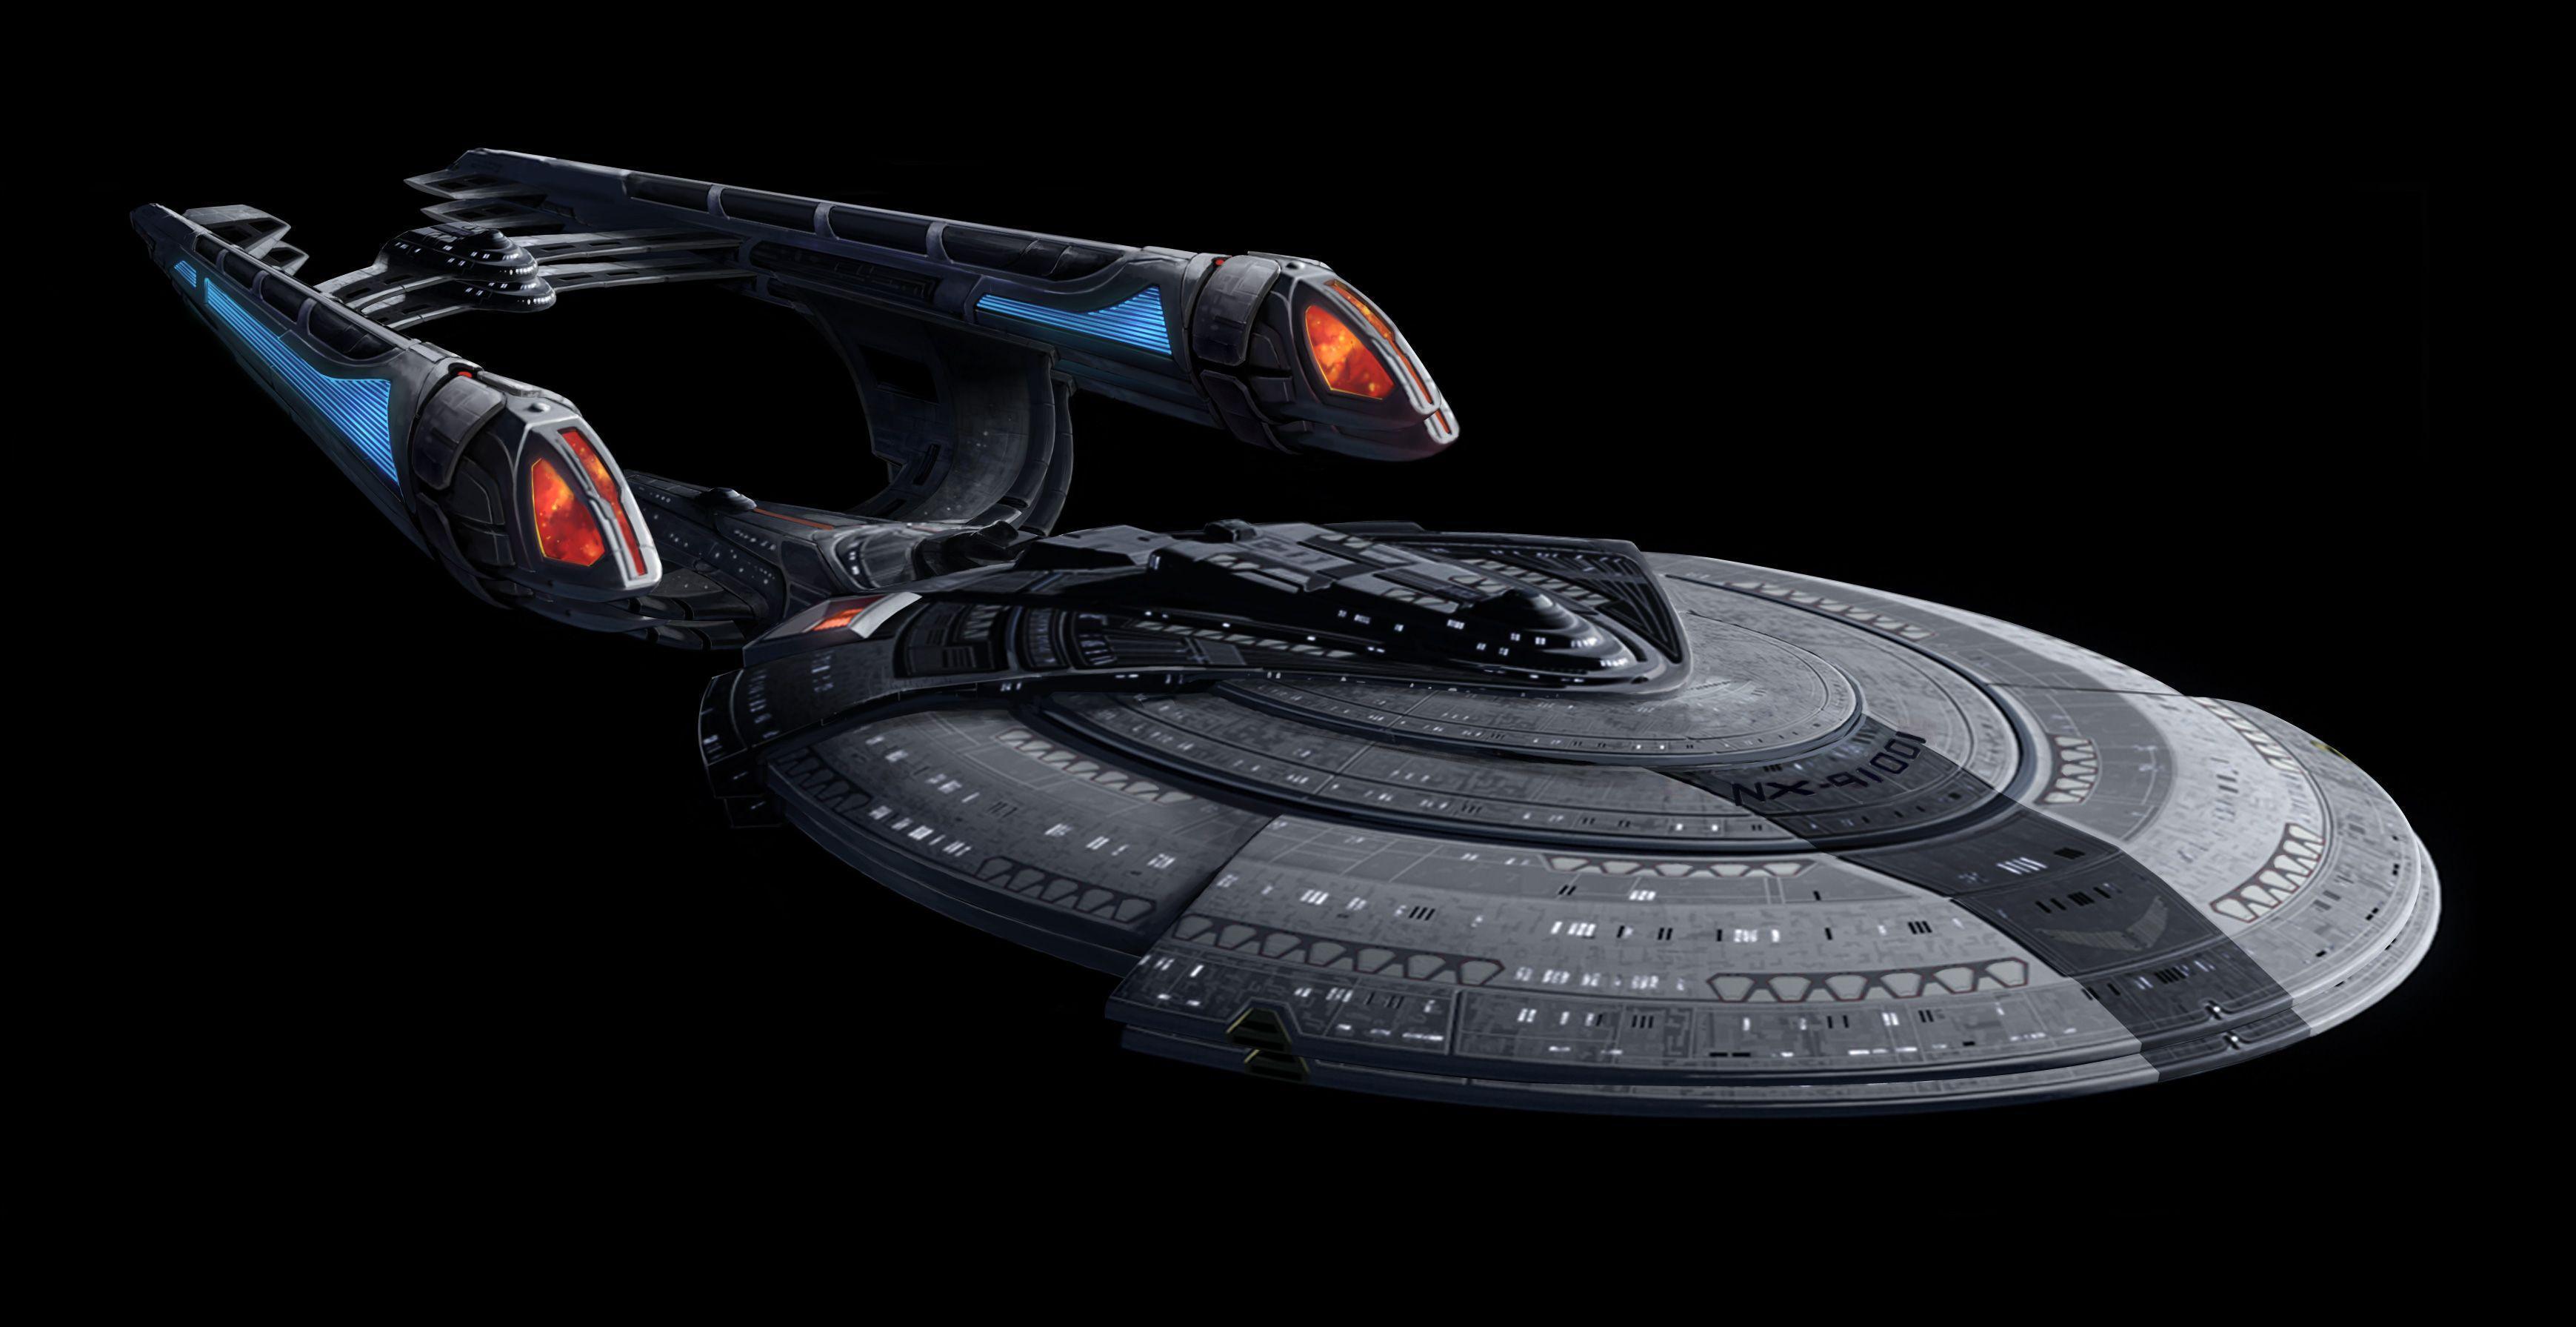 Star Trek Wallpapers High Resolution 3478x1791